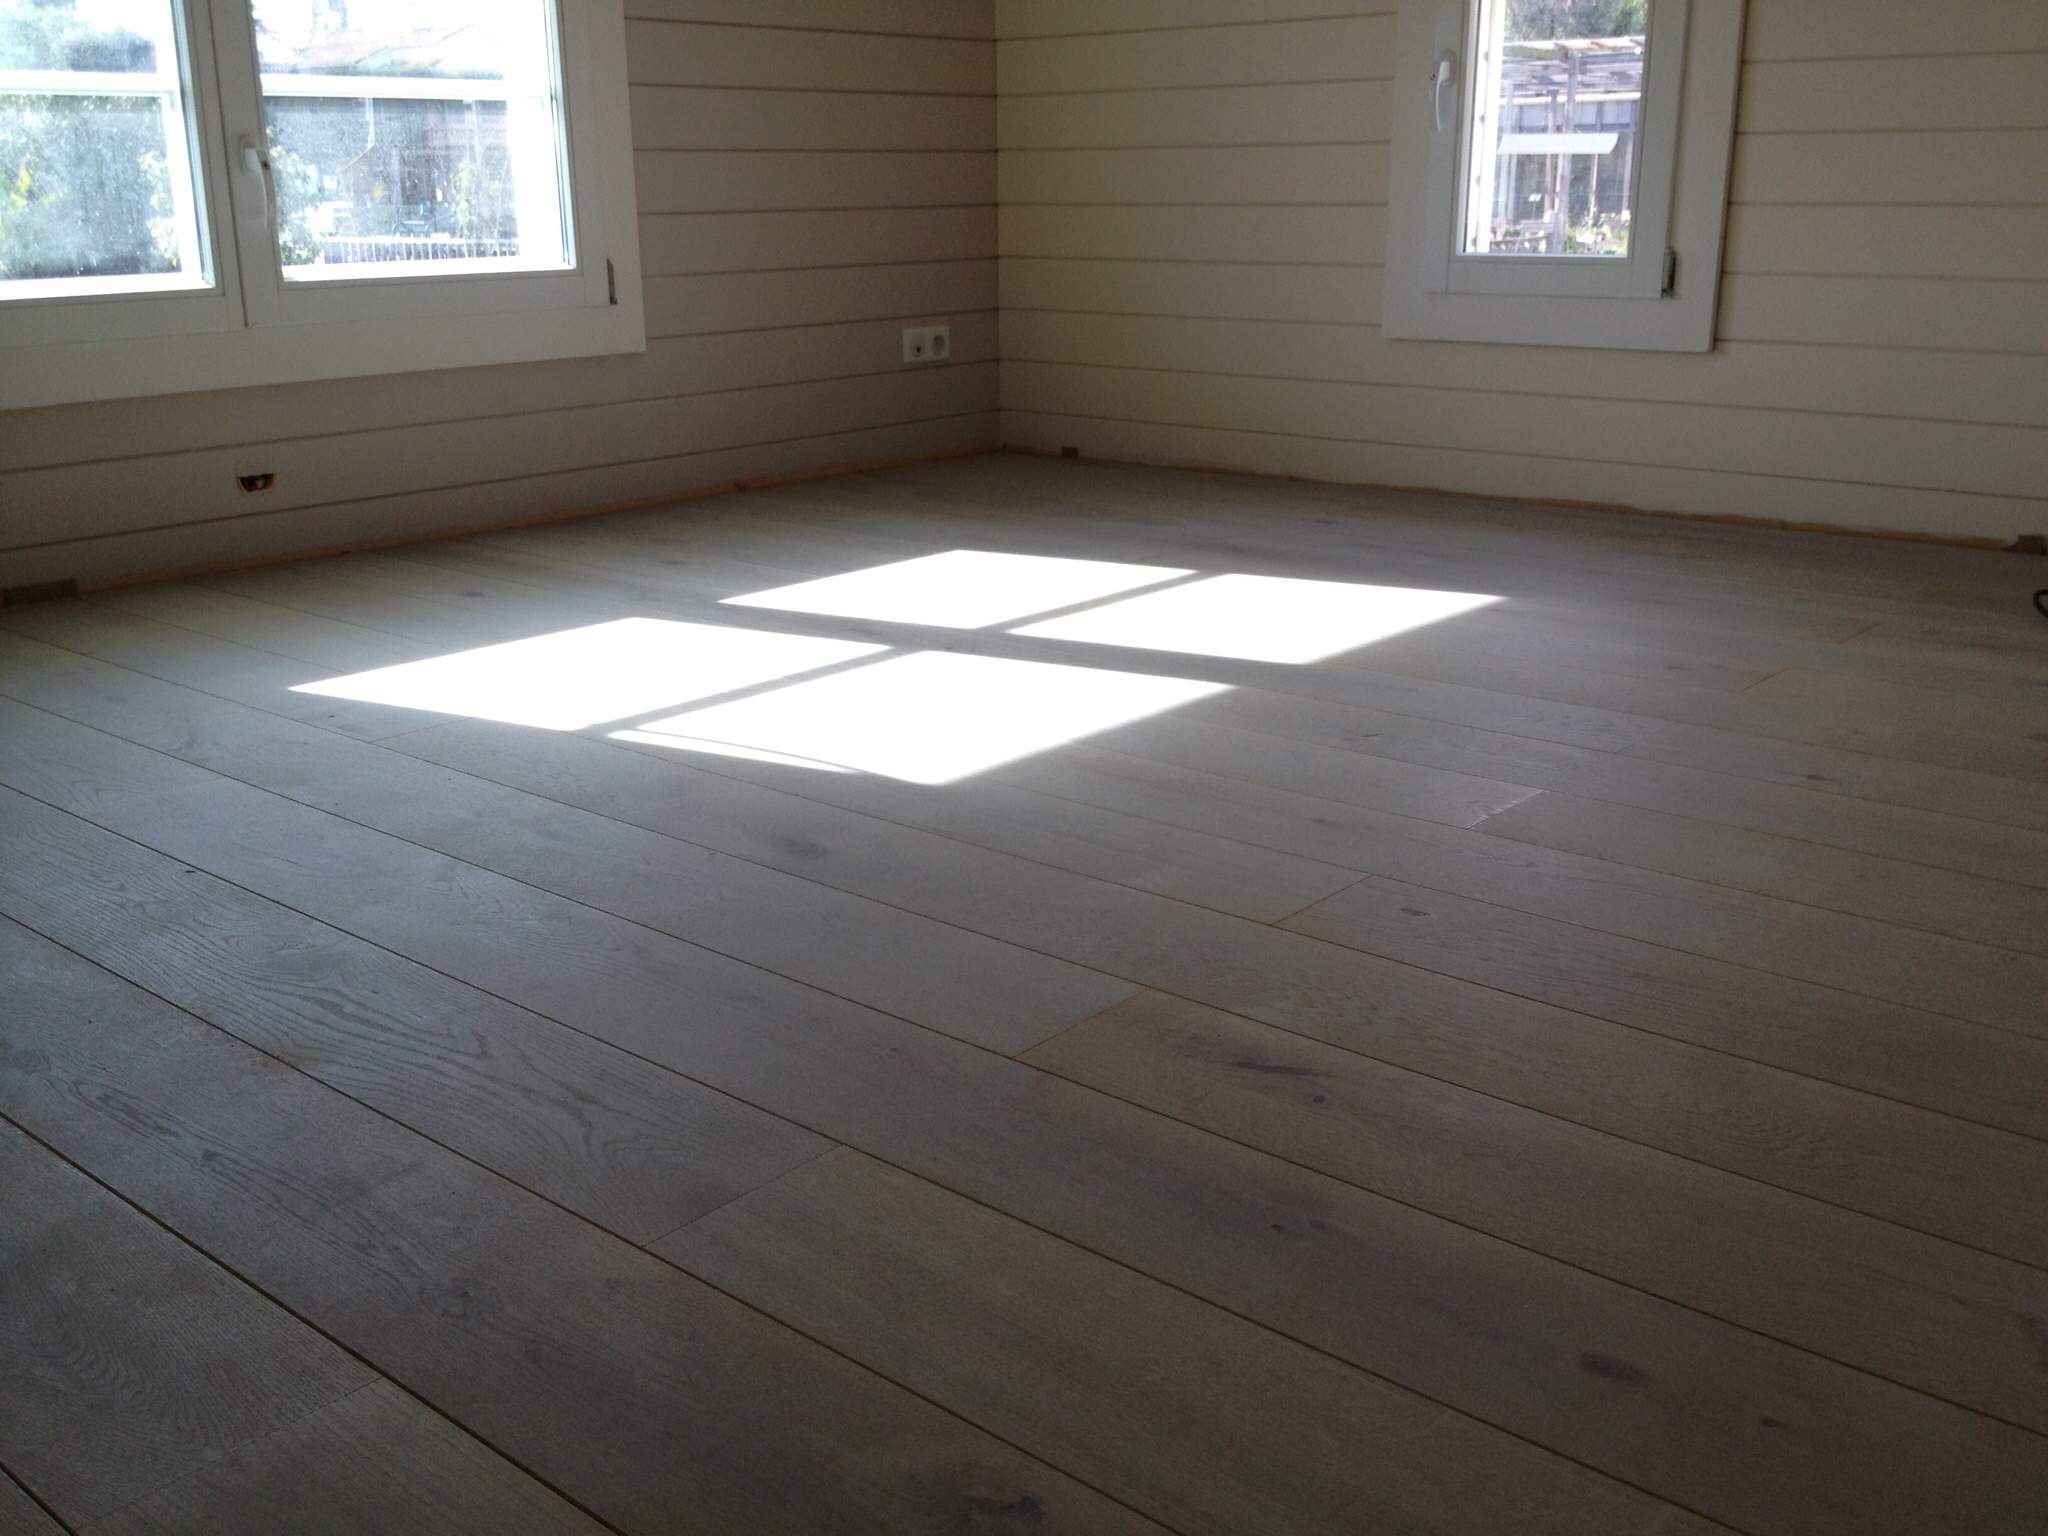 Carrelage ou parquet maison bois c t sud - Poser du carrelage sur du parquet bois ...